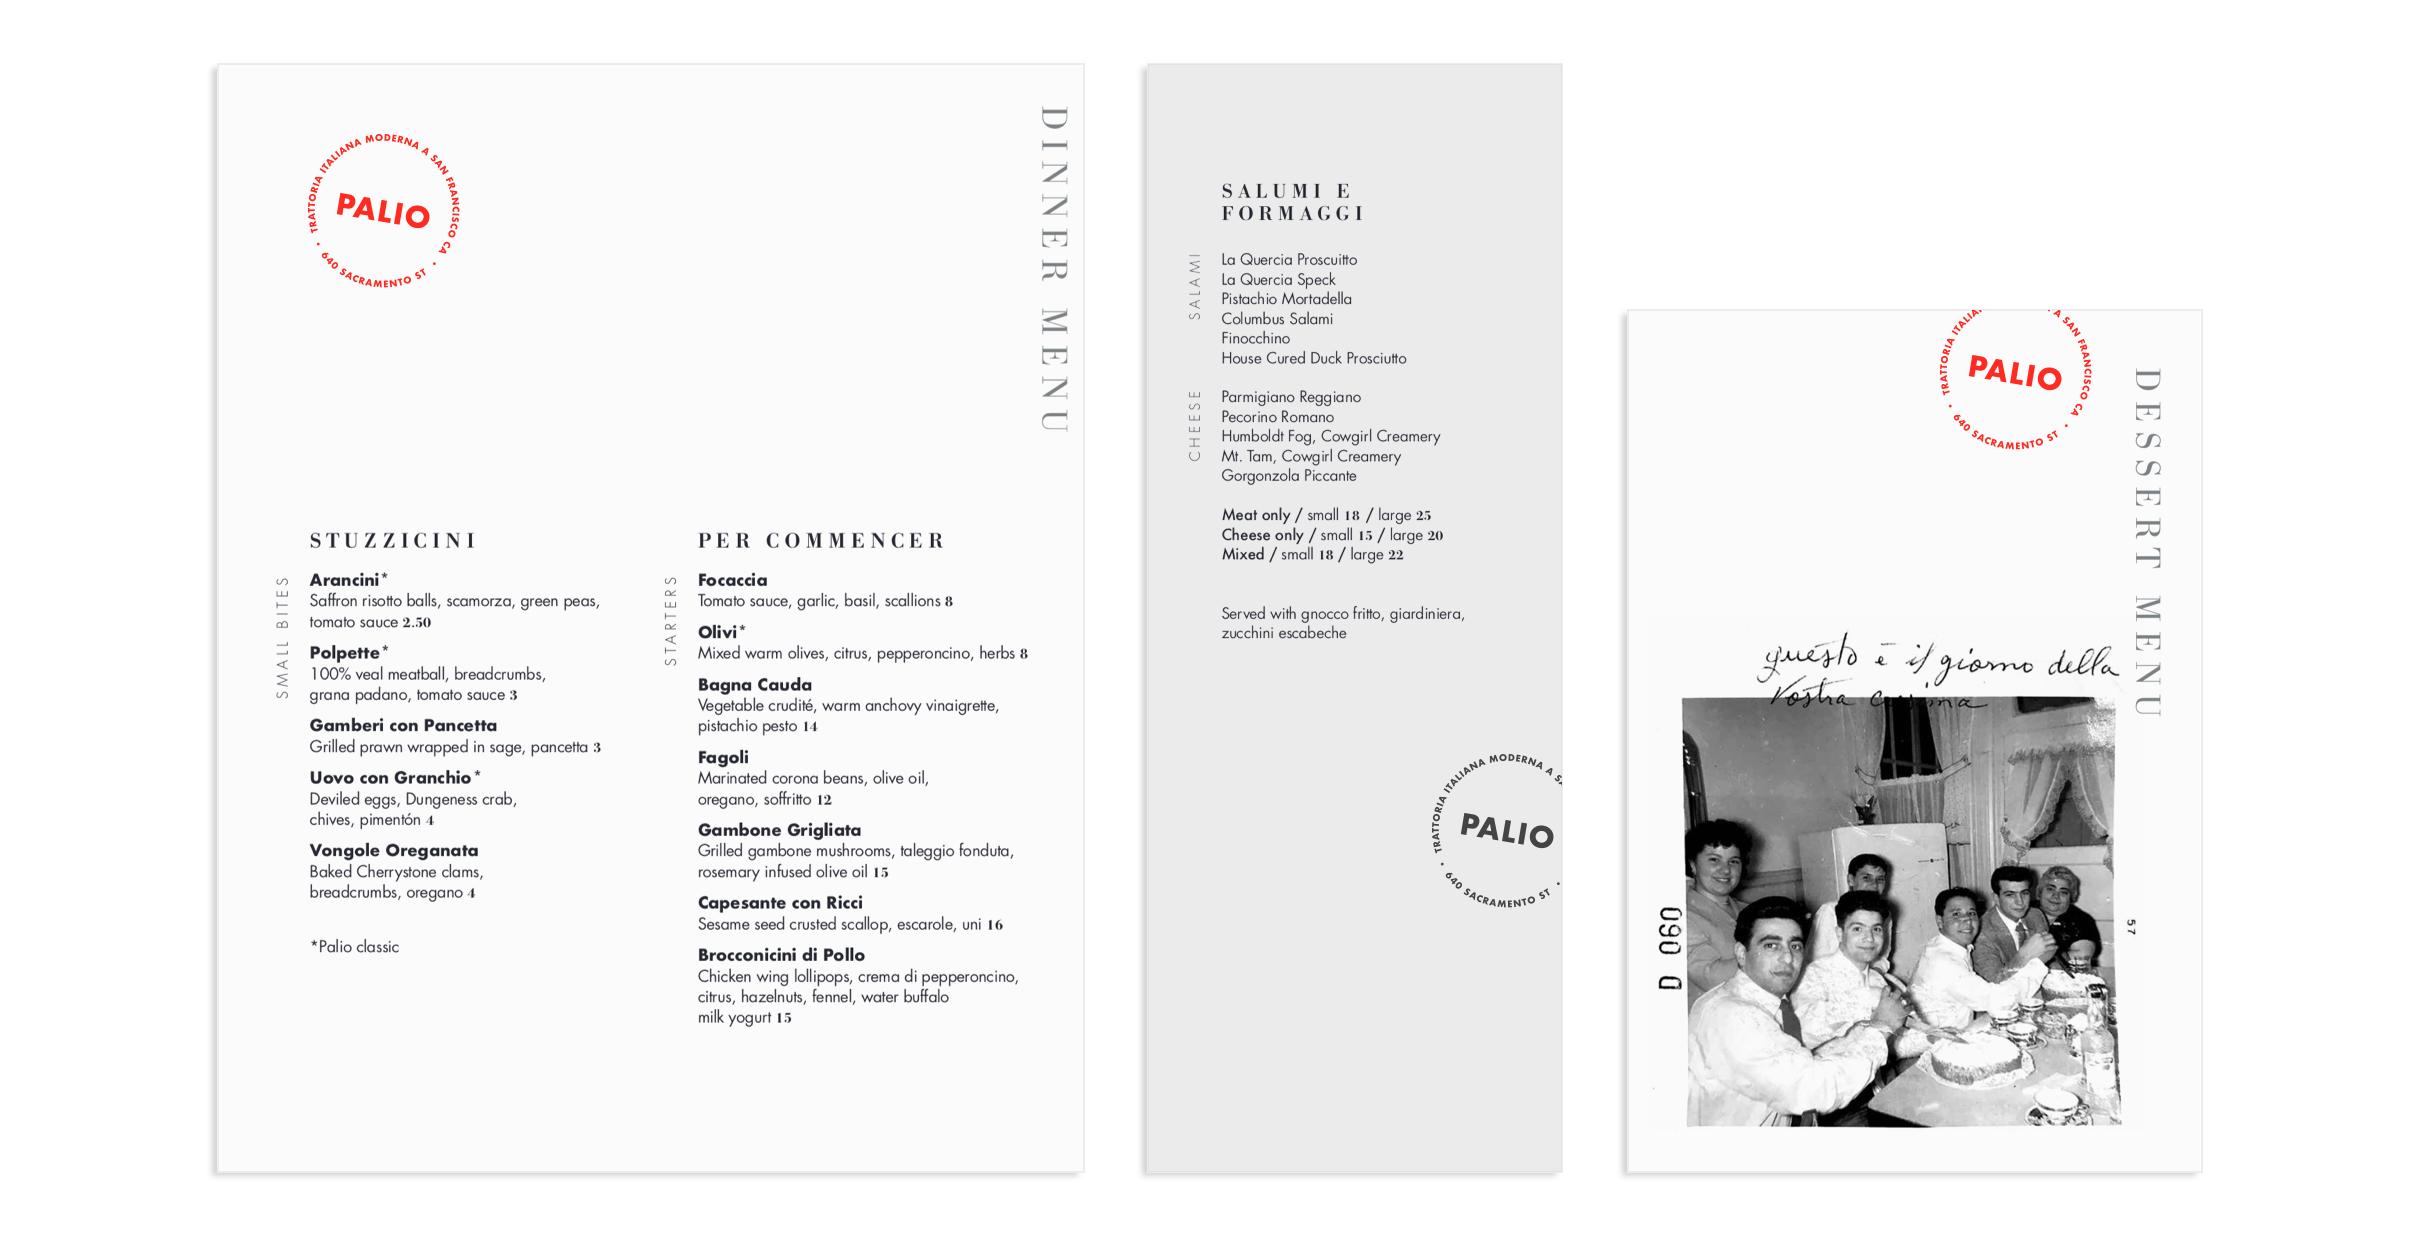 menus_palio.jpg